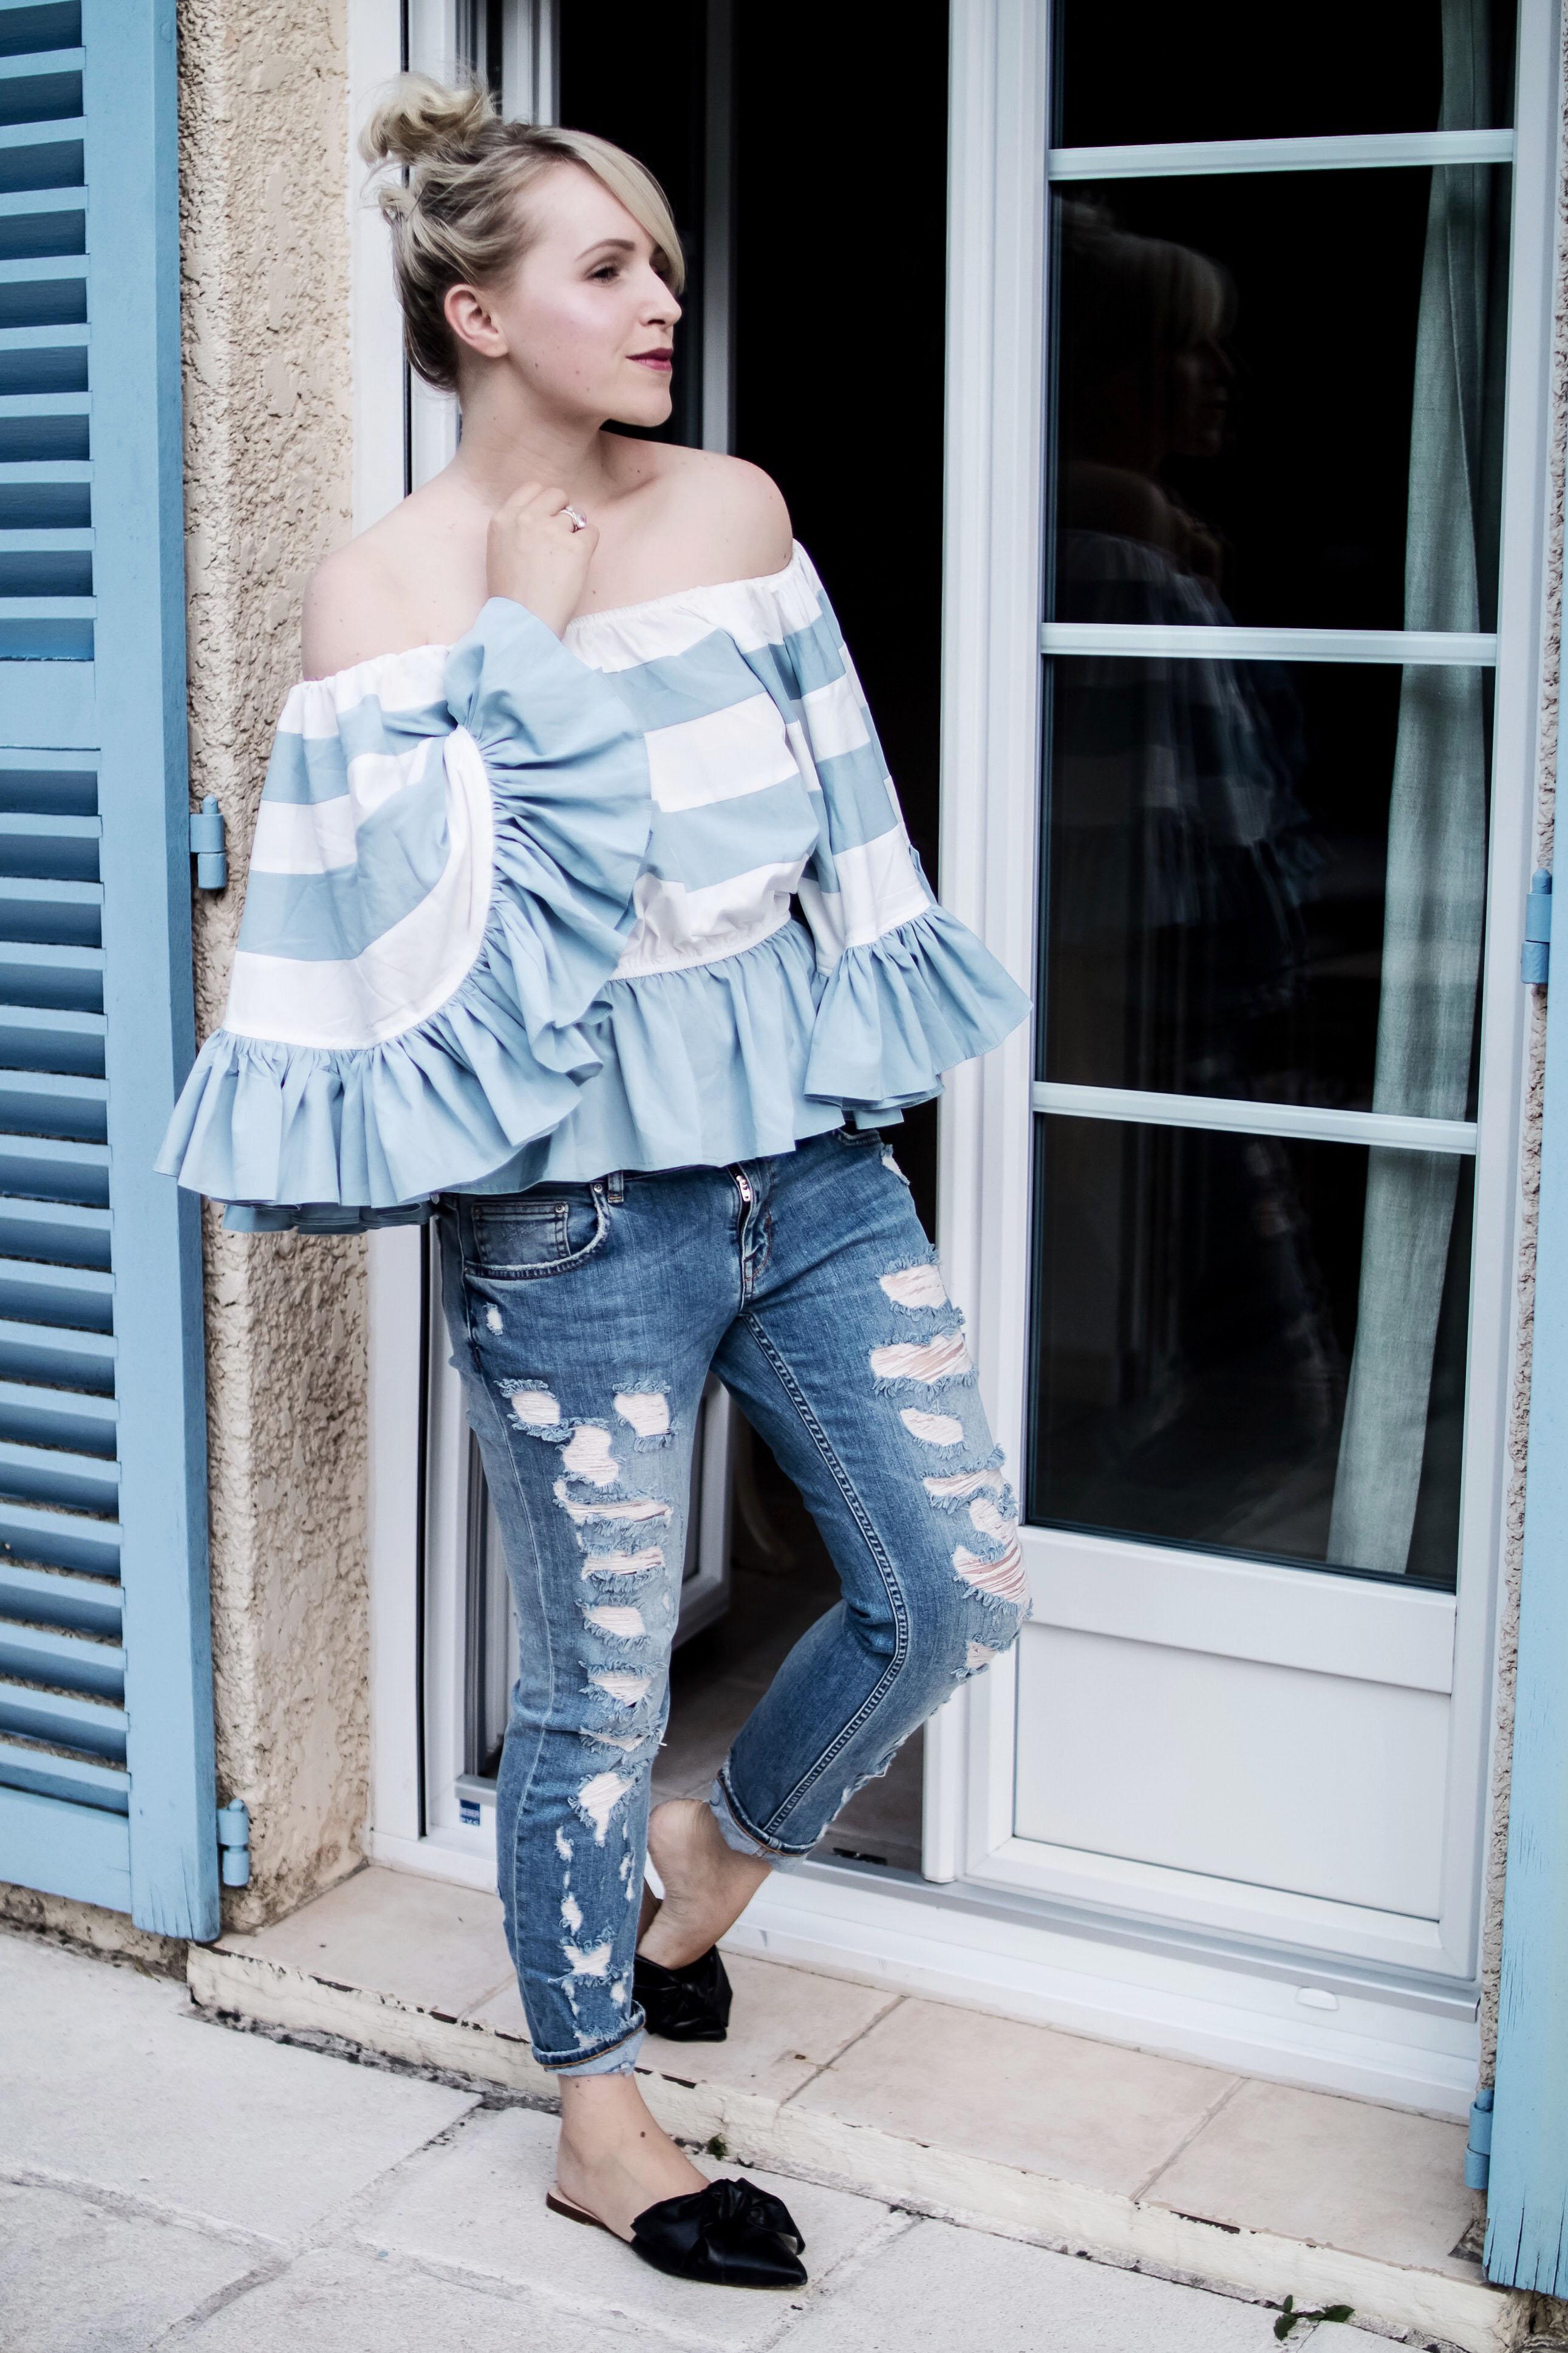 zara_storets_fashionblogger_deutschland_blogger_germanblogger_trends_off_shoulder